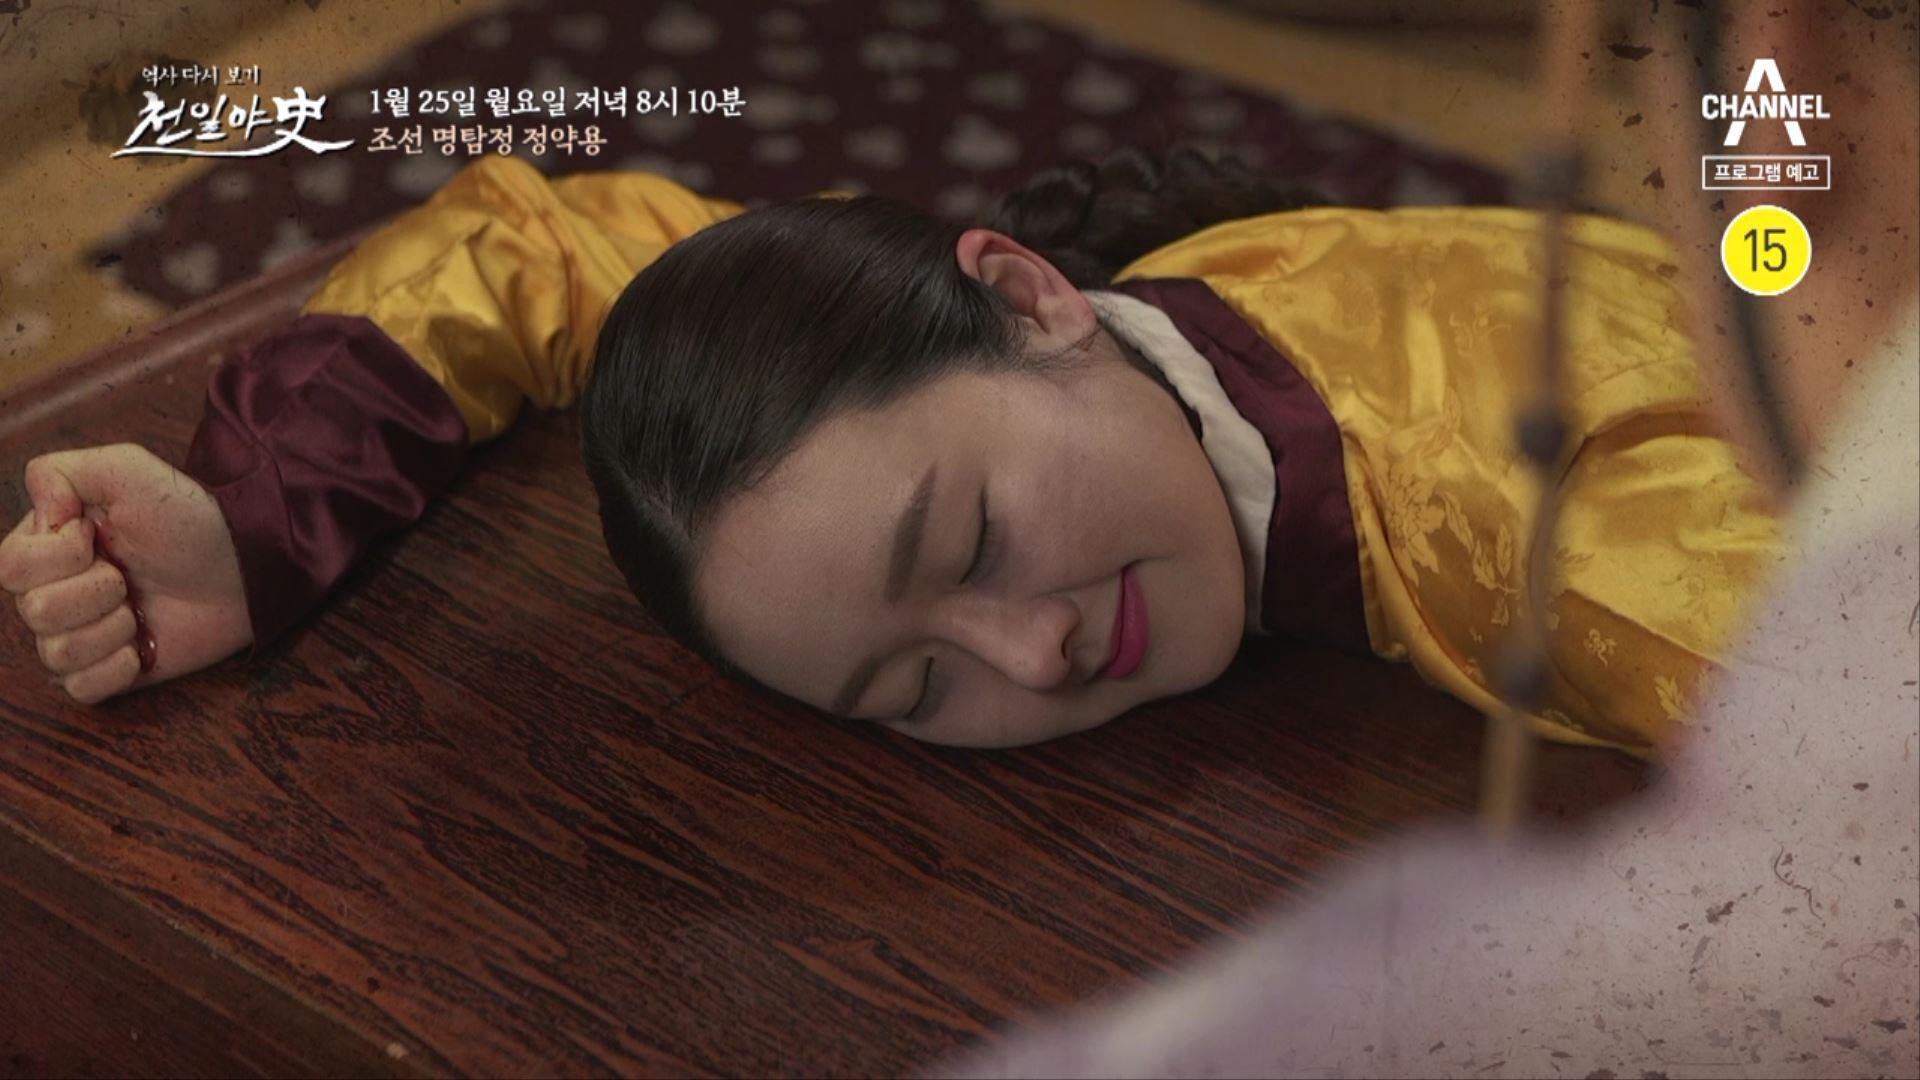 [예고] 조선에 일어난 기괴한 살인사건, 웃고 있는 시신 이미지